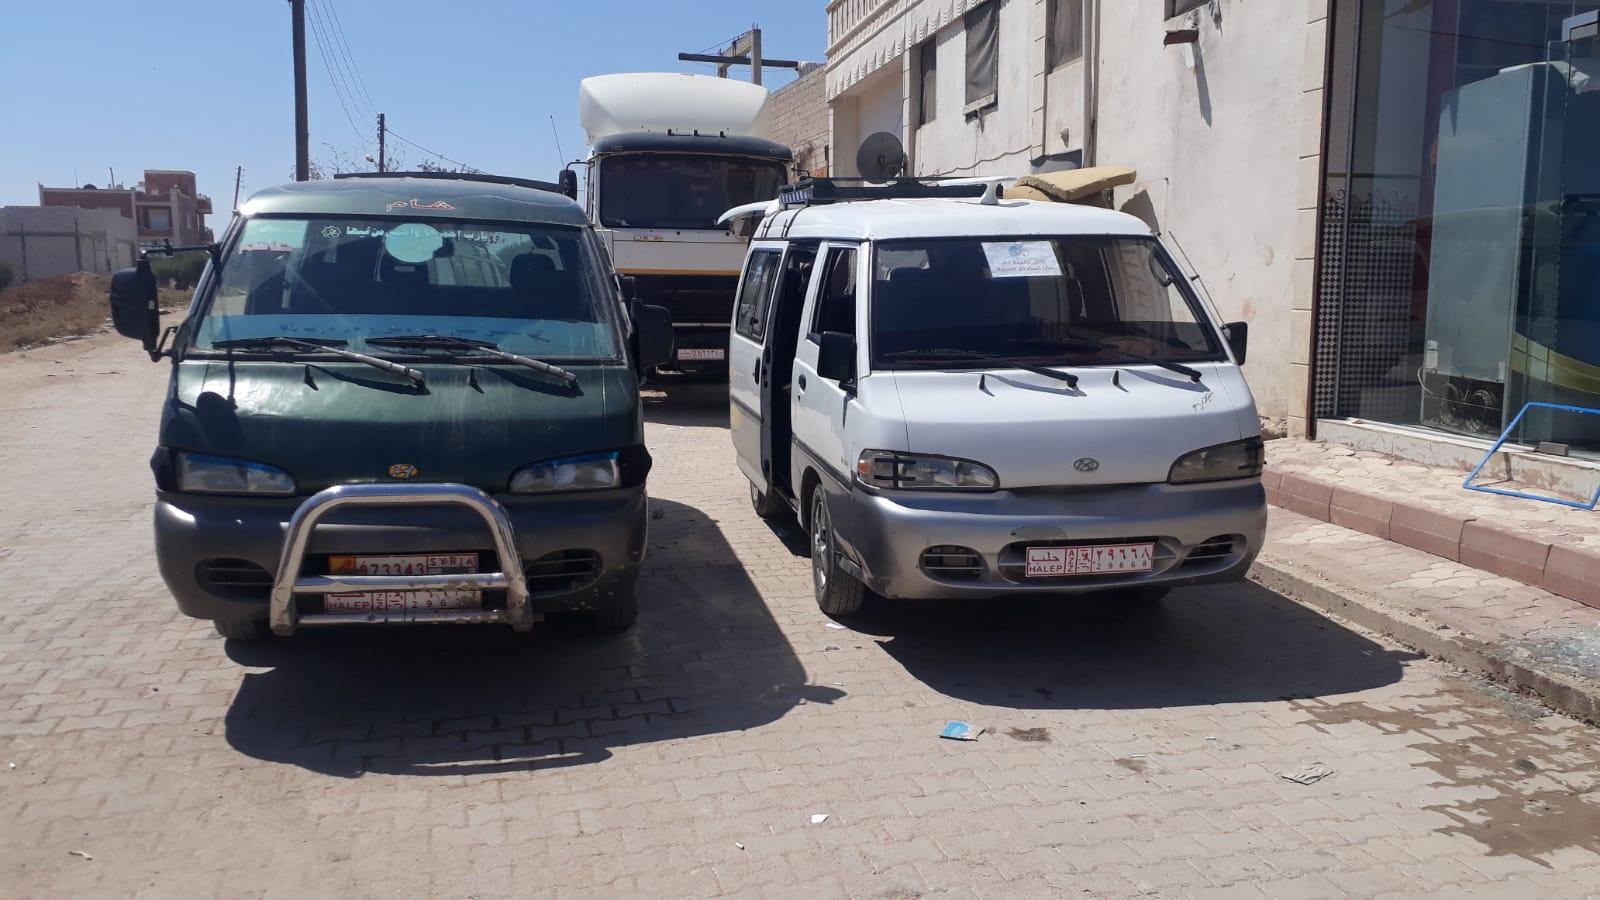 حافلة وضع عليه نمرة مزدوجة للسماح لصاحبها بالعمل في عفرين وريف حلب الشمالي